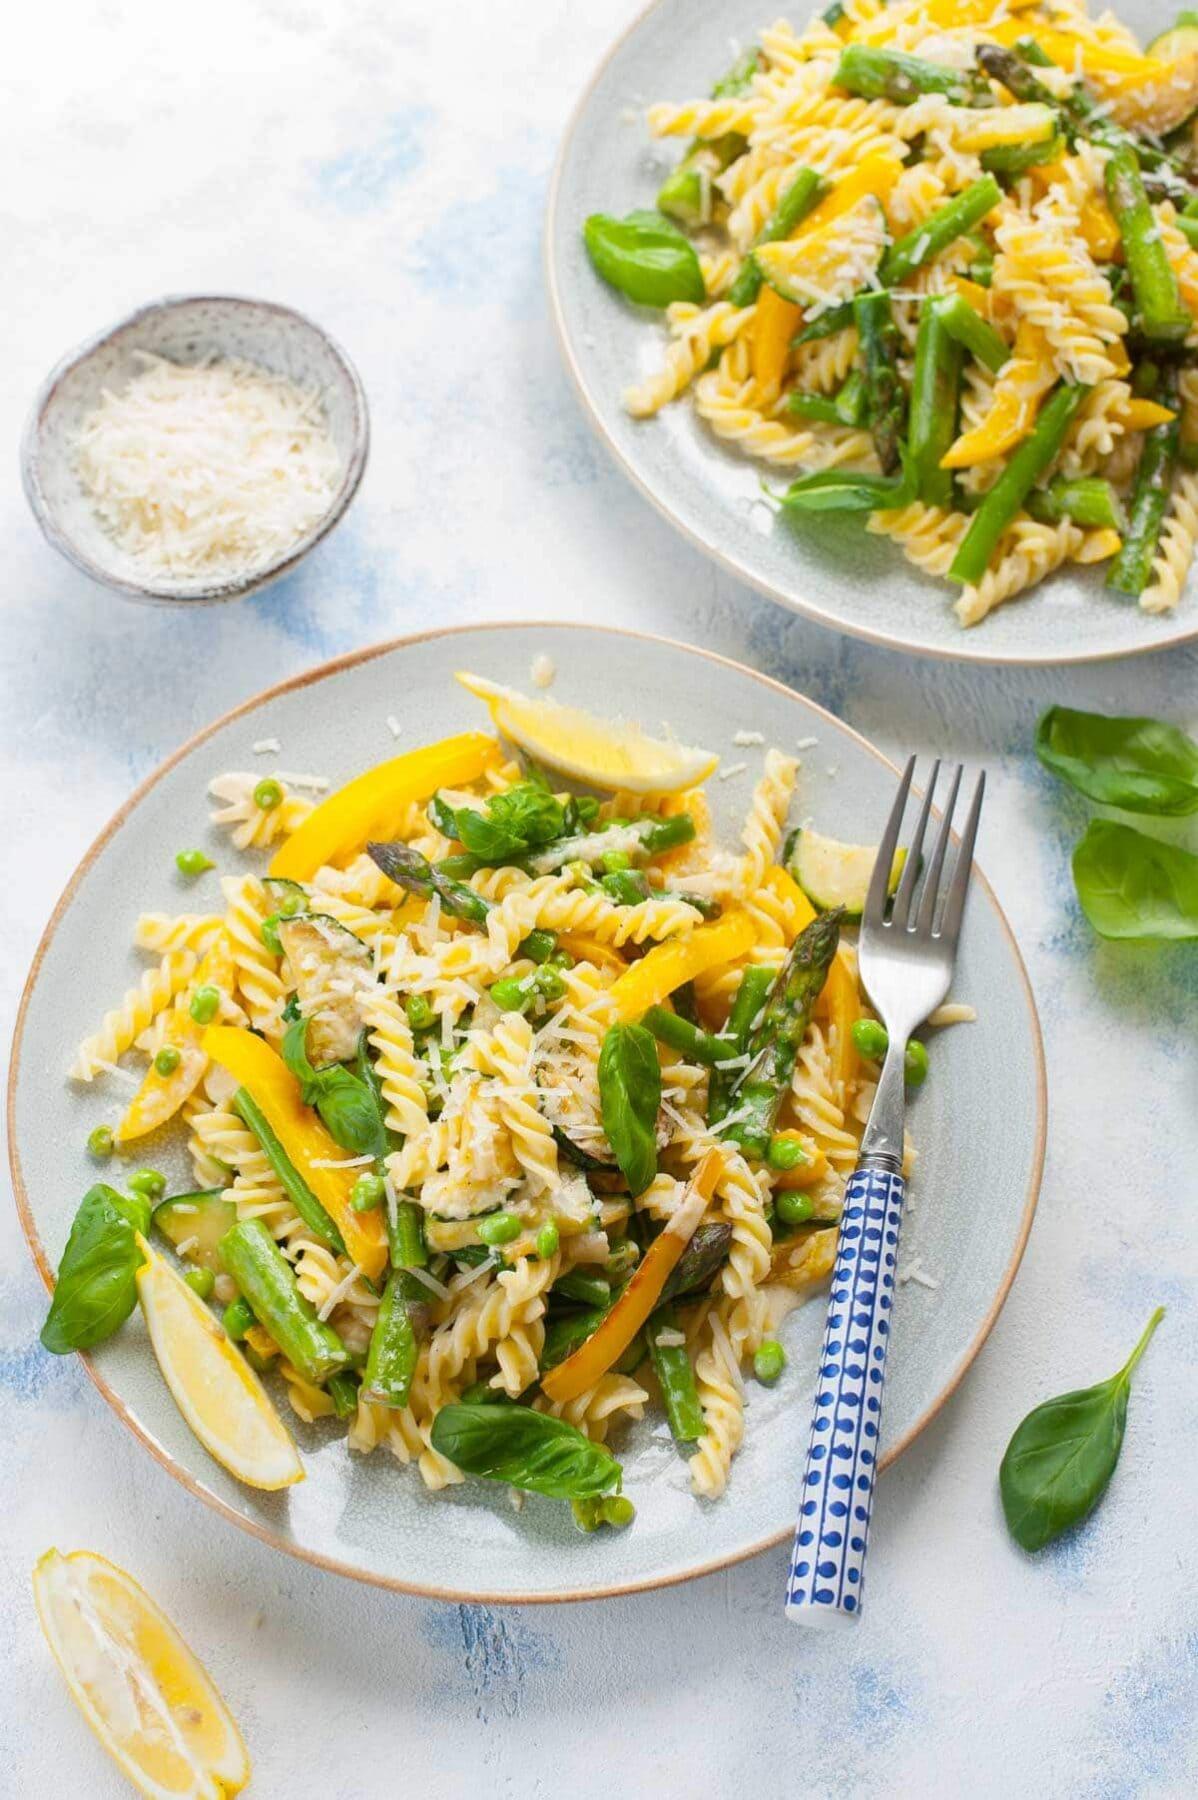 dwa talerze z makaronem z warzywami w kremowym sosie